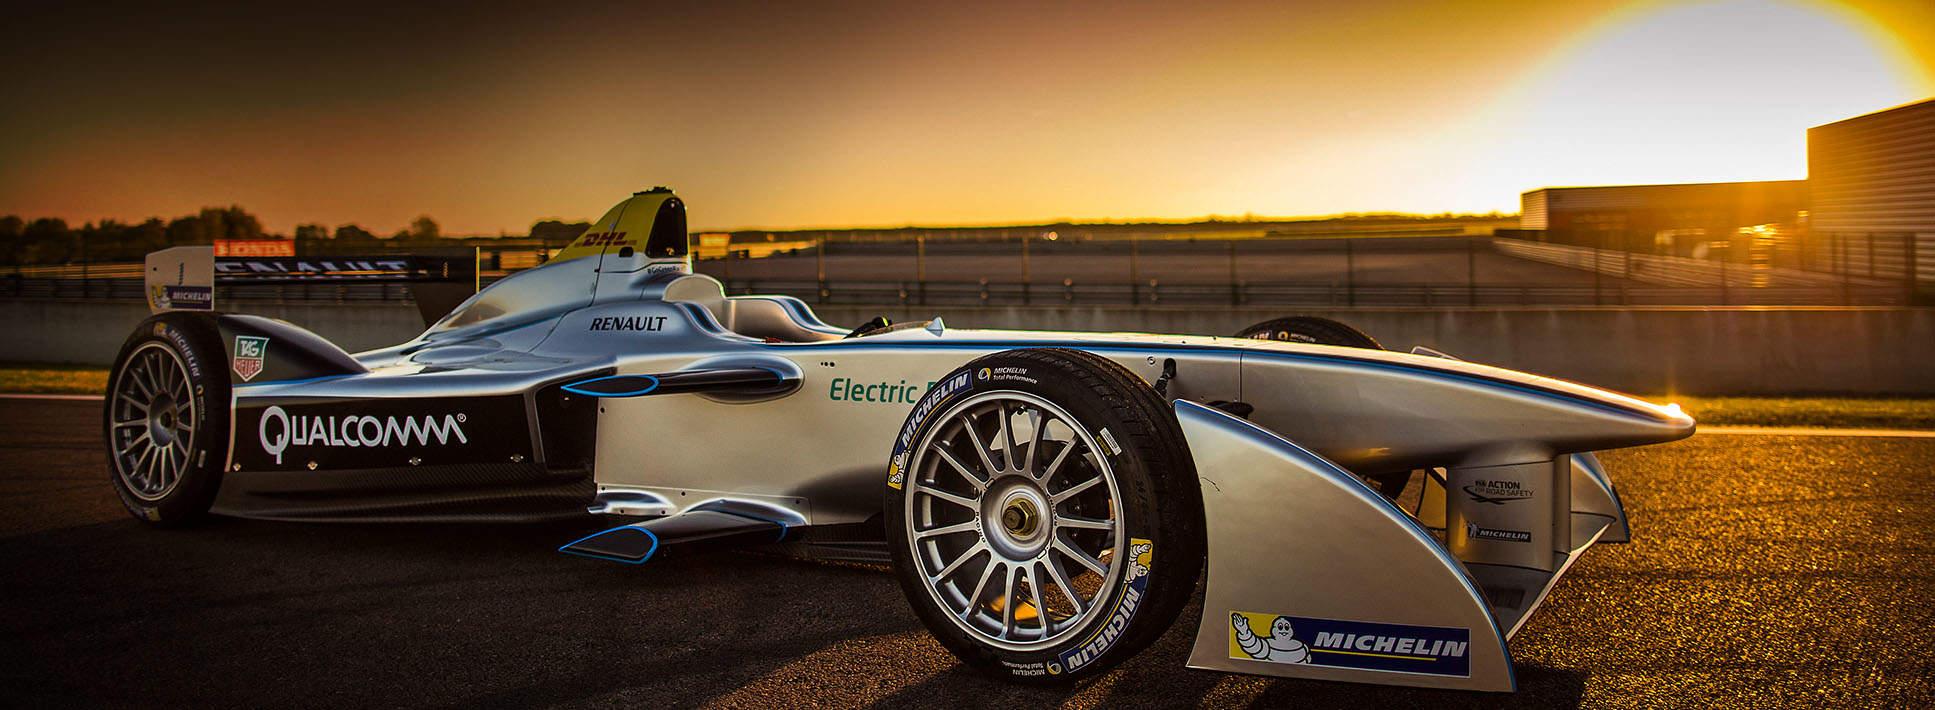 Williams-Formula-E